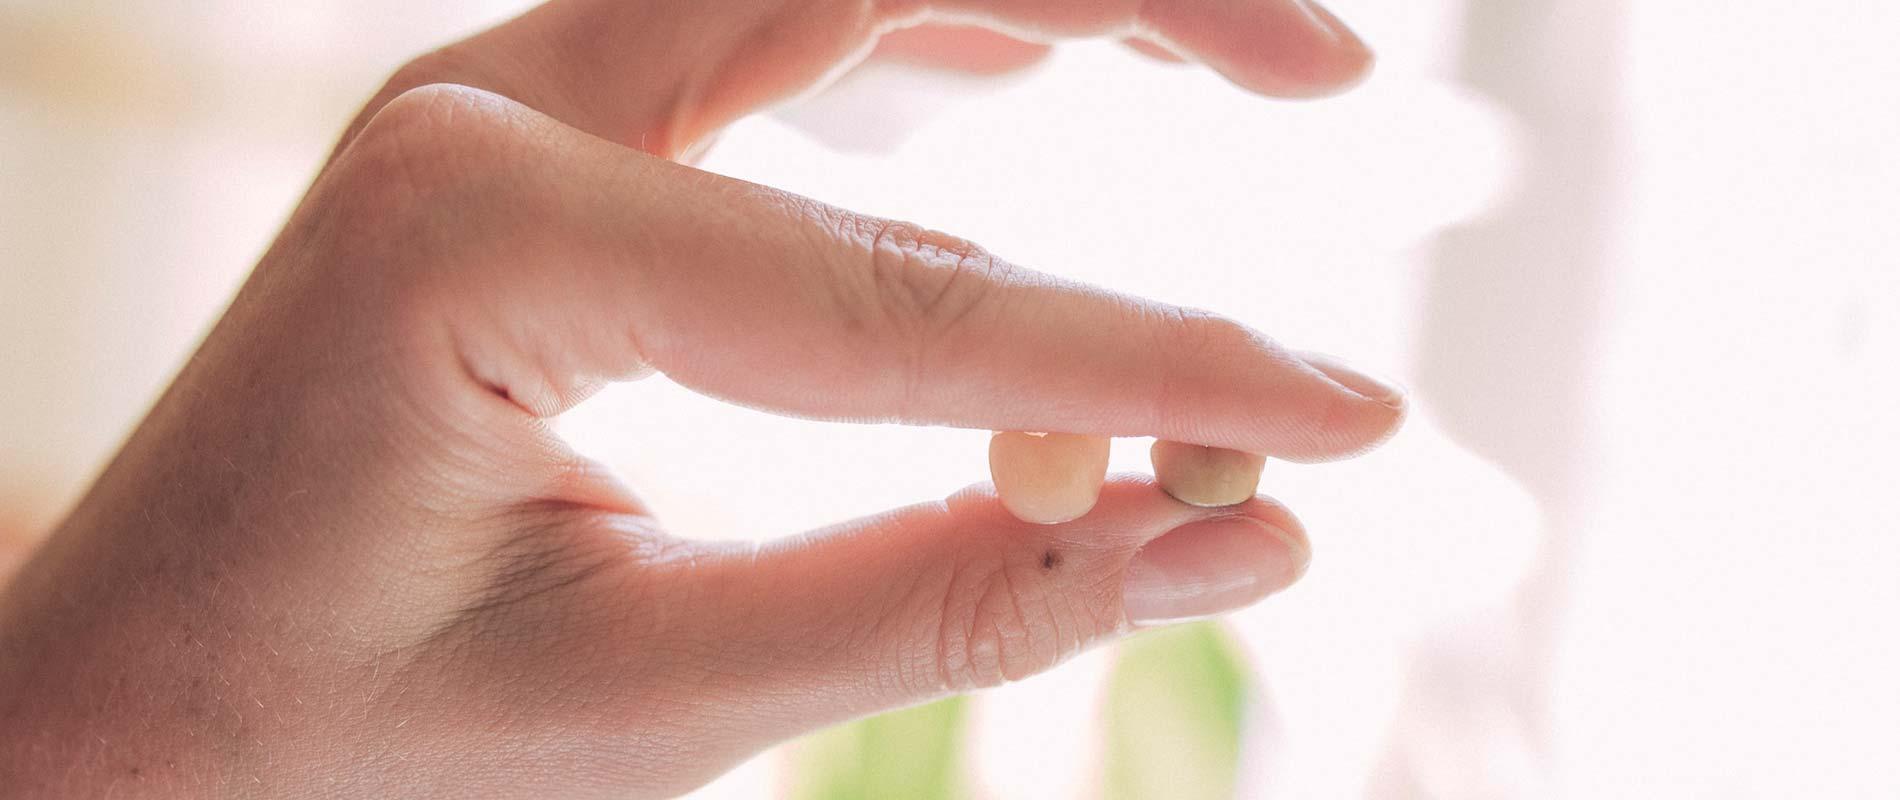 Zahnärztin hält Kronen für Zahnersatz in der Hand.